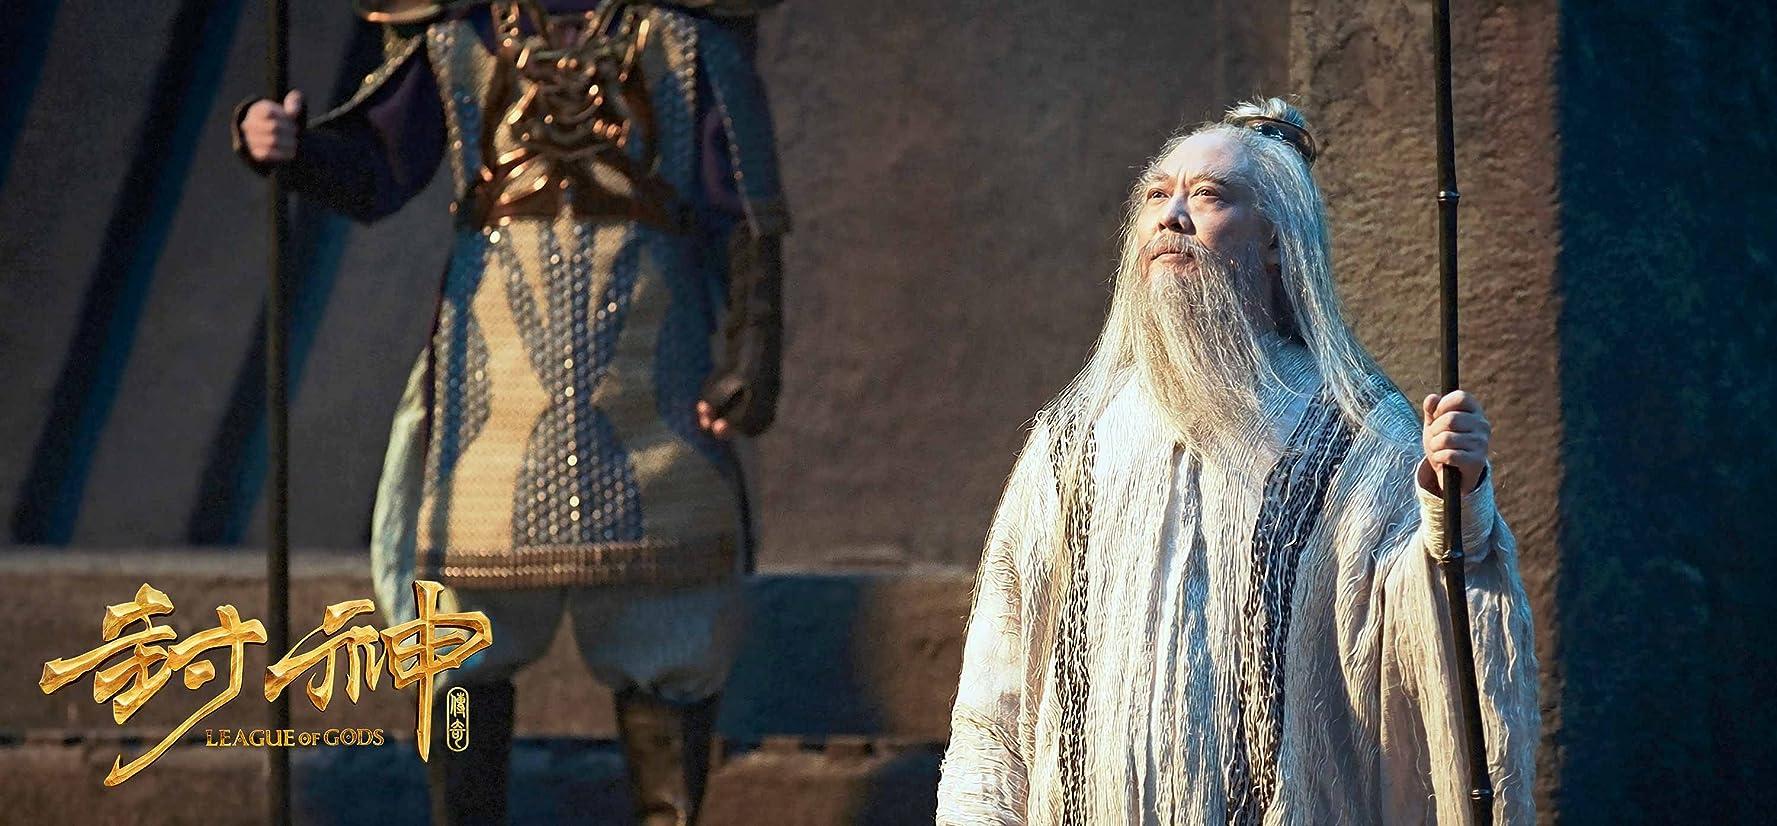 Liga de los dioses (Feng shen bang)